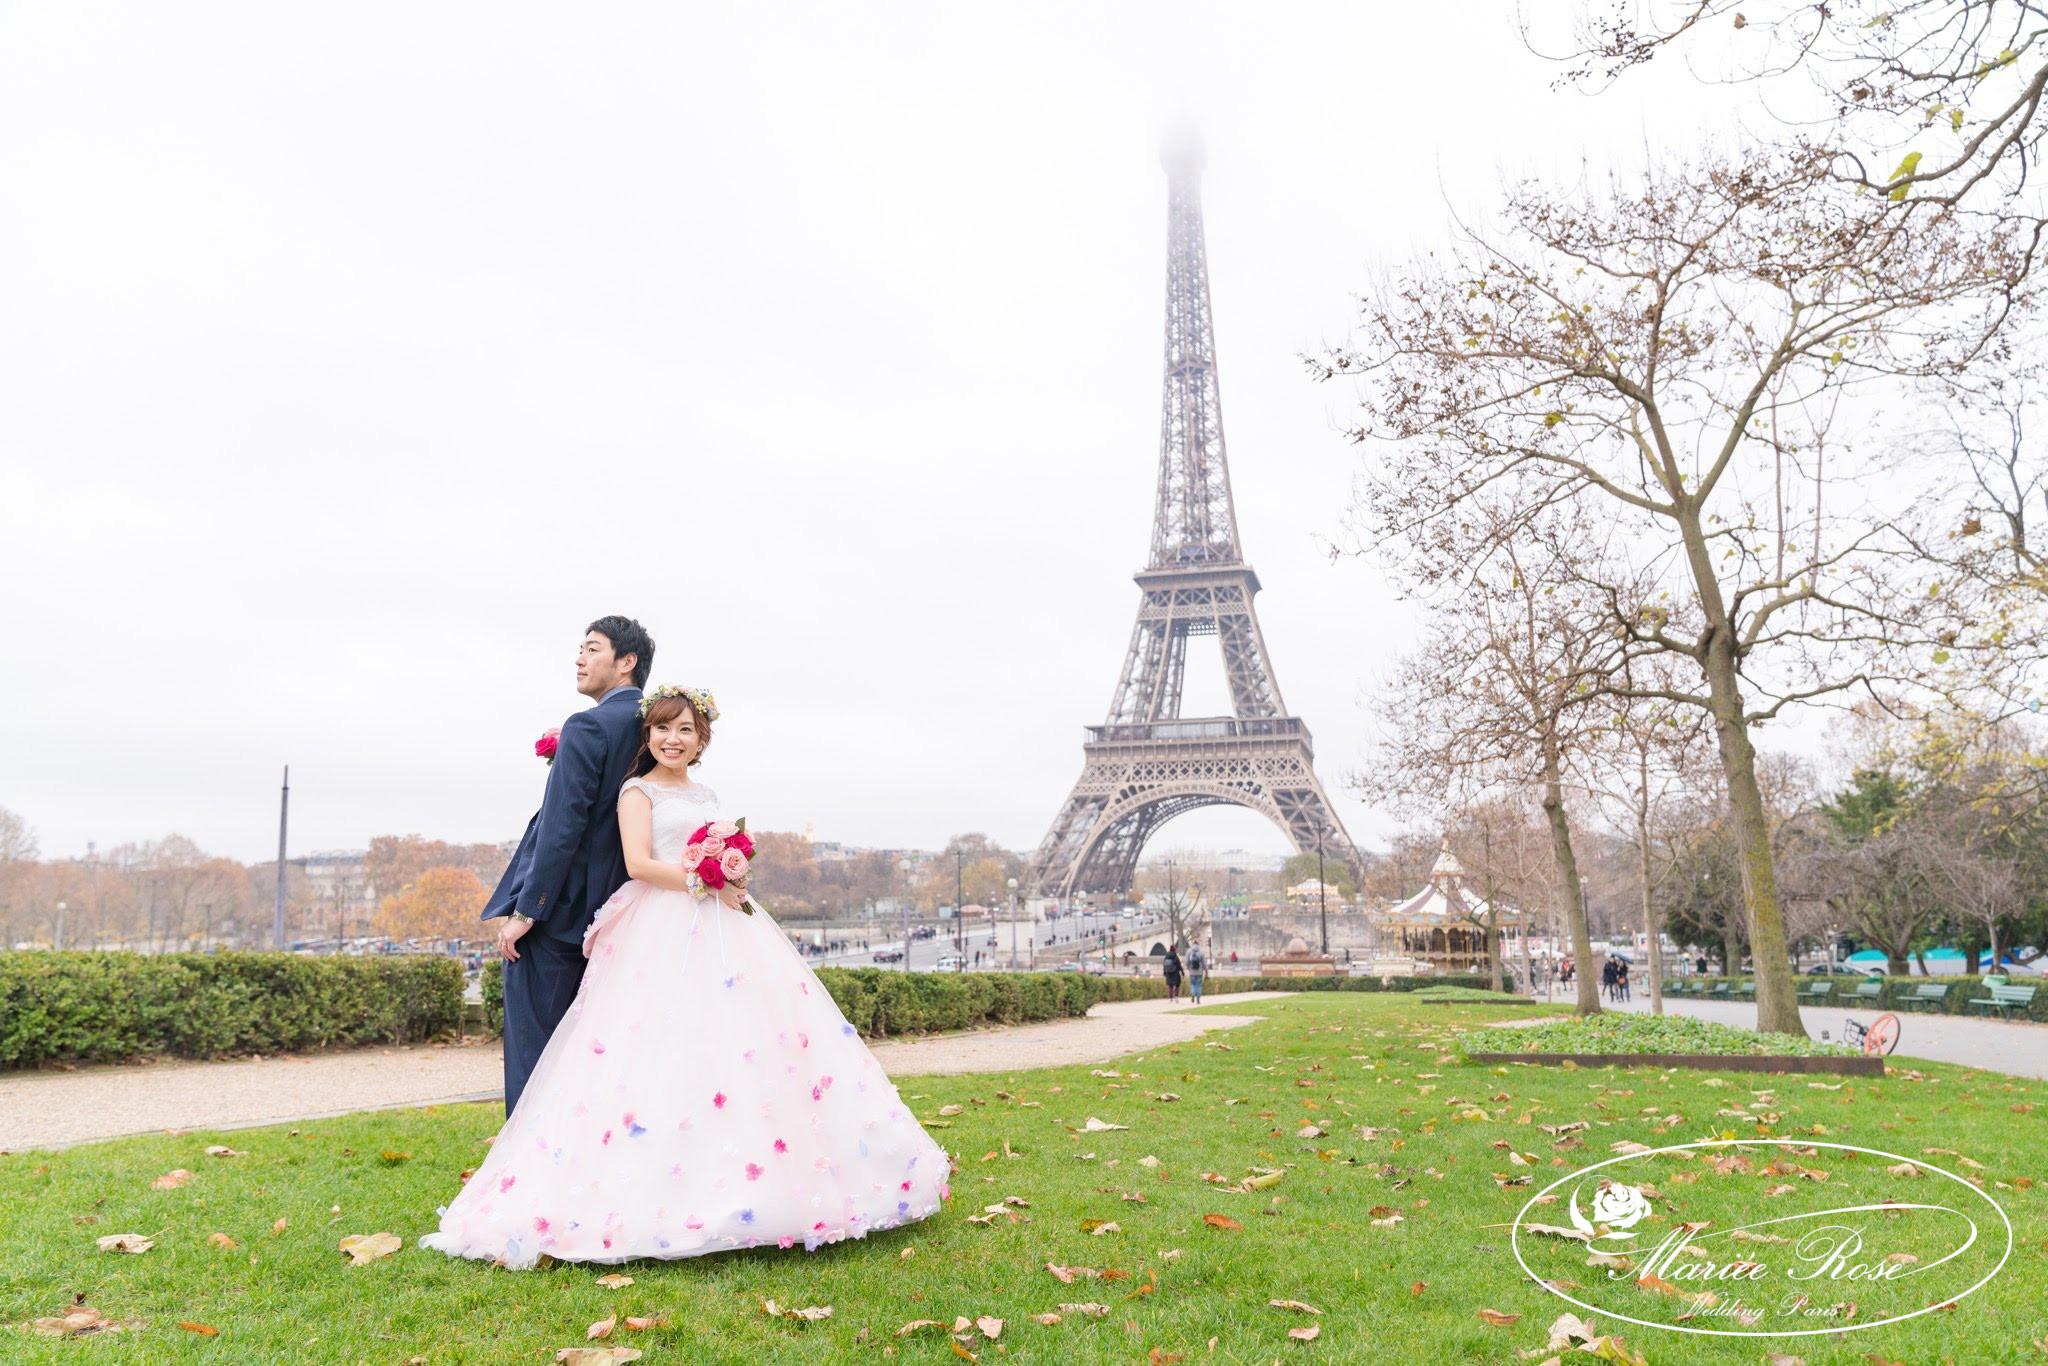 パリフォトウェディング,エッフェル塔,パリ前撮り